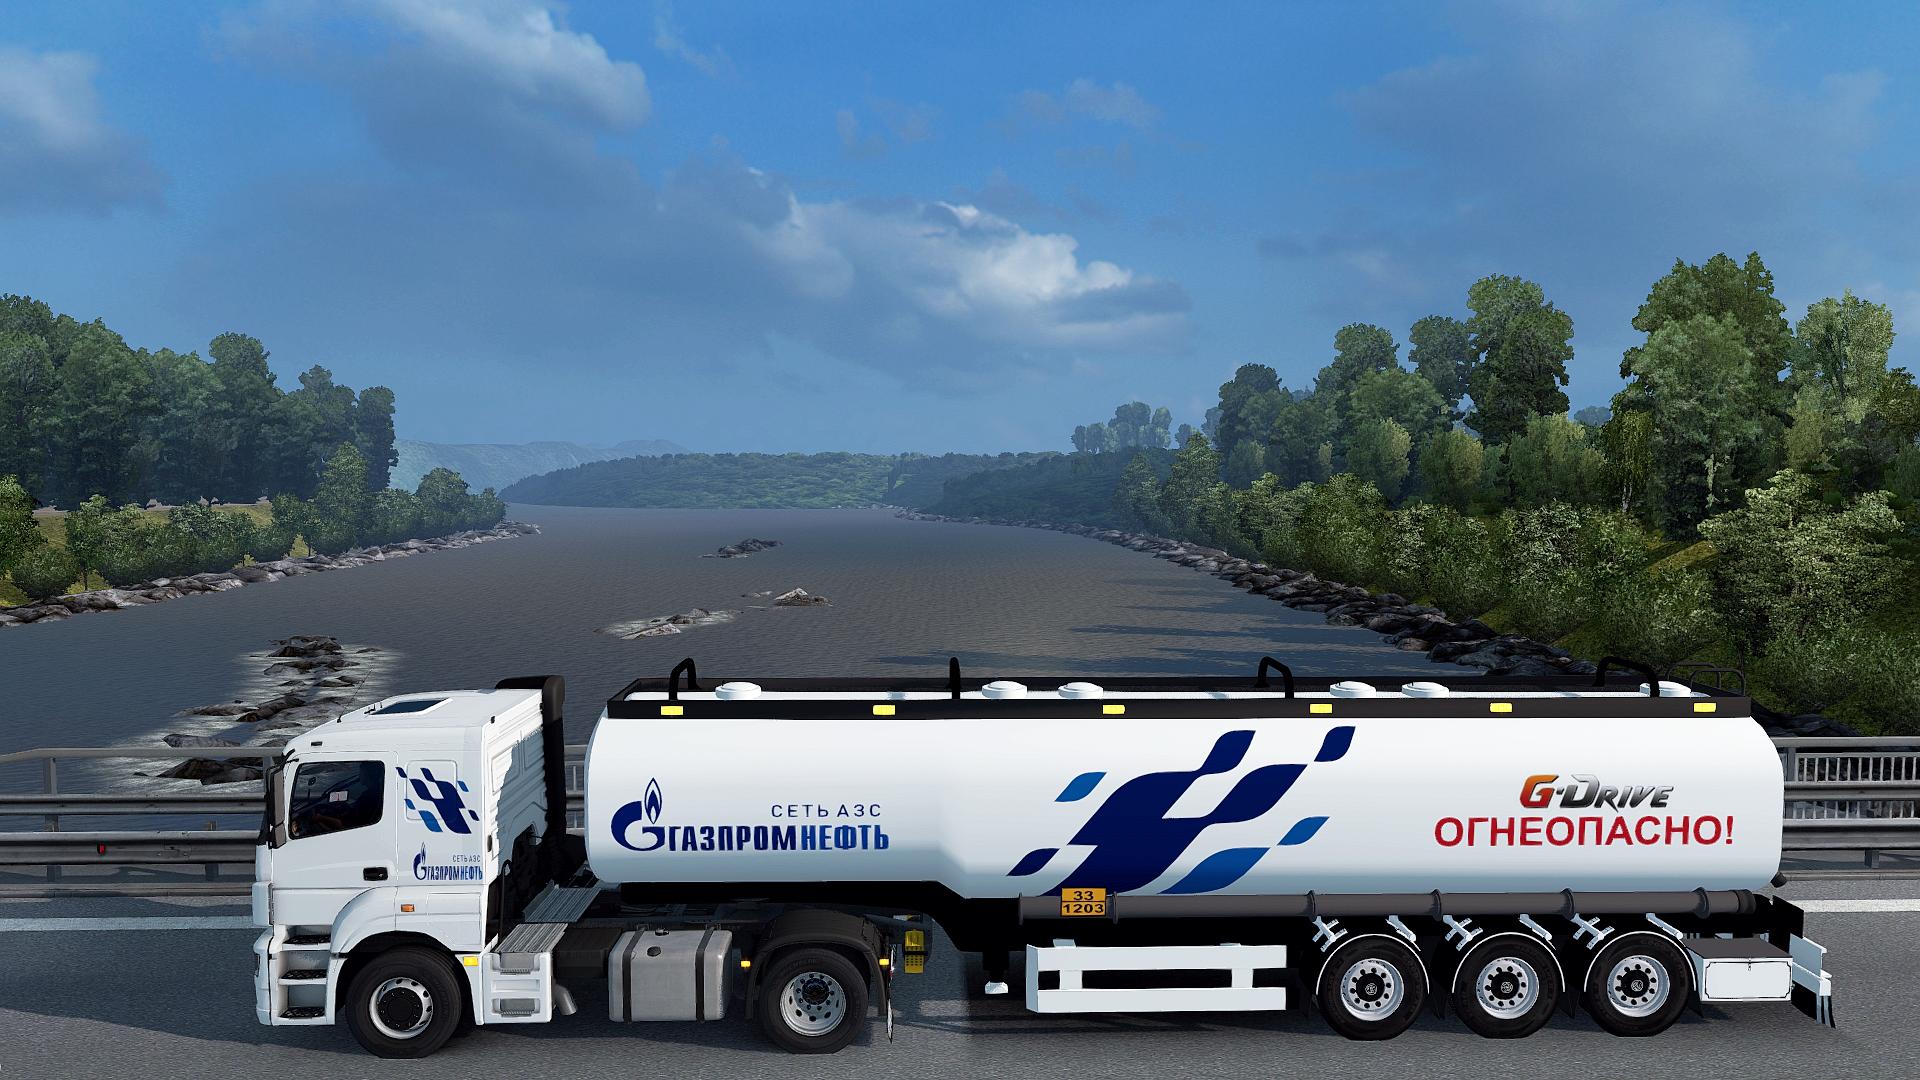 eurotrucks2 2018-05-11 19-44-06.png - Euro Truck Simulator 2